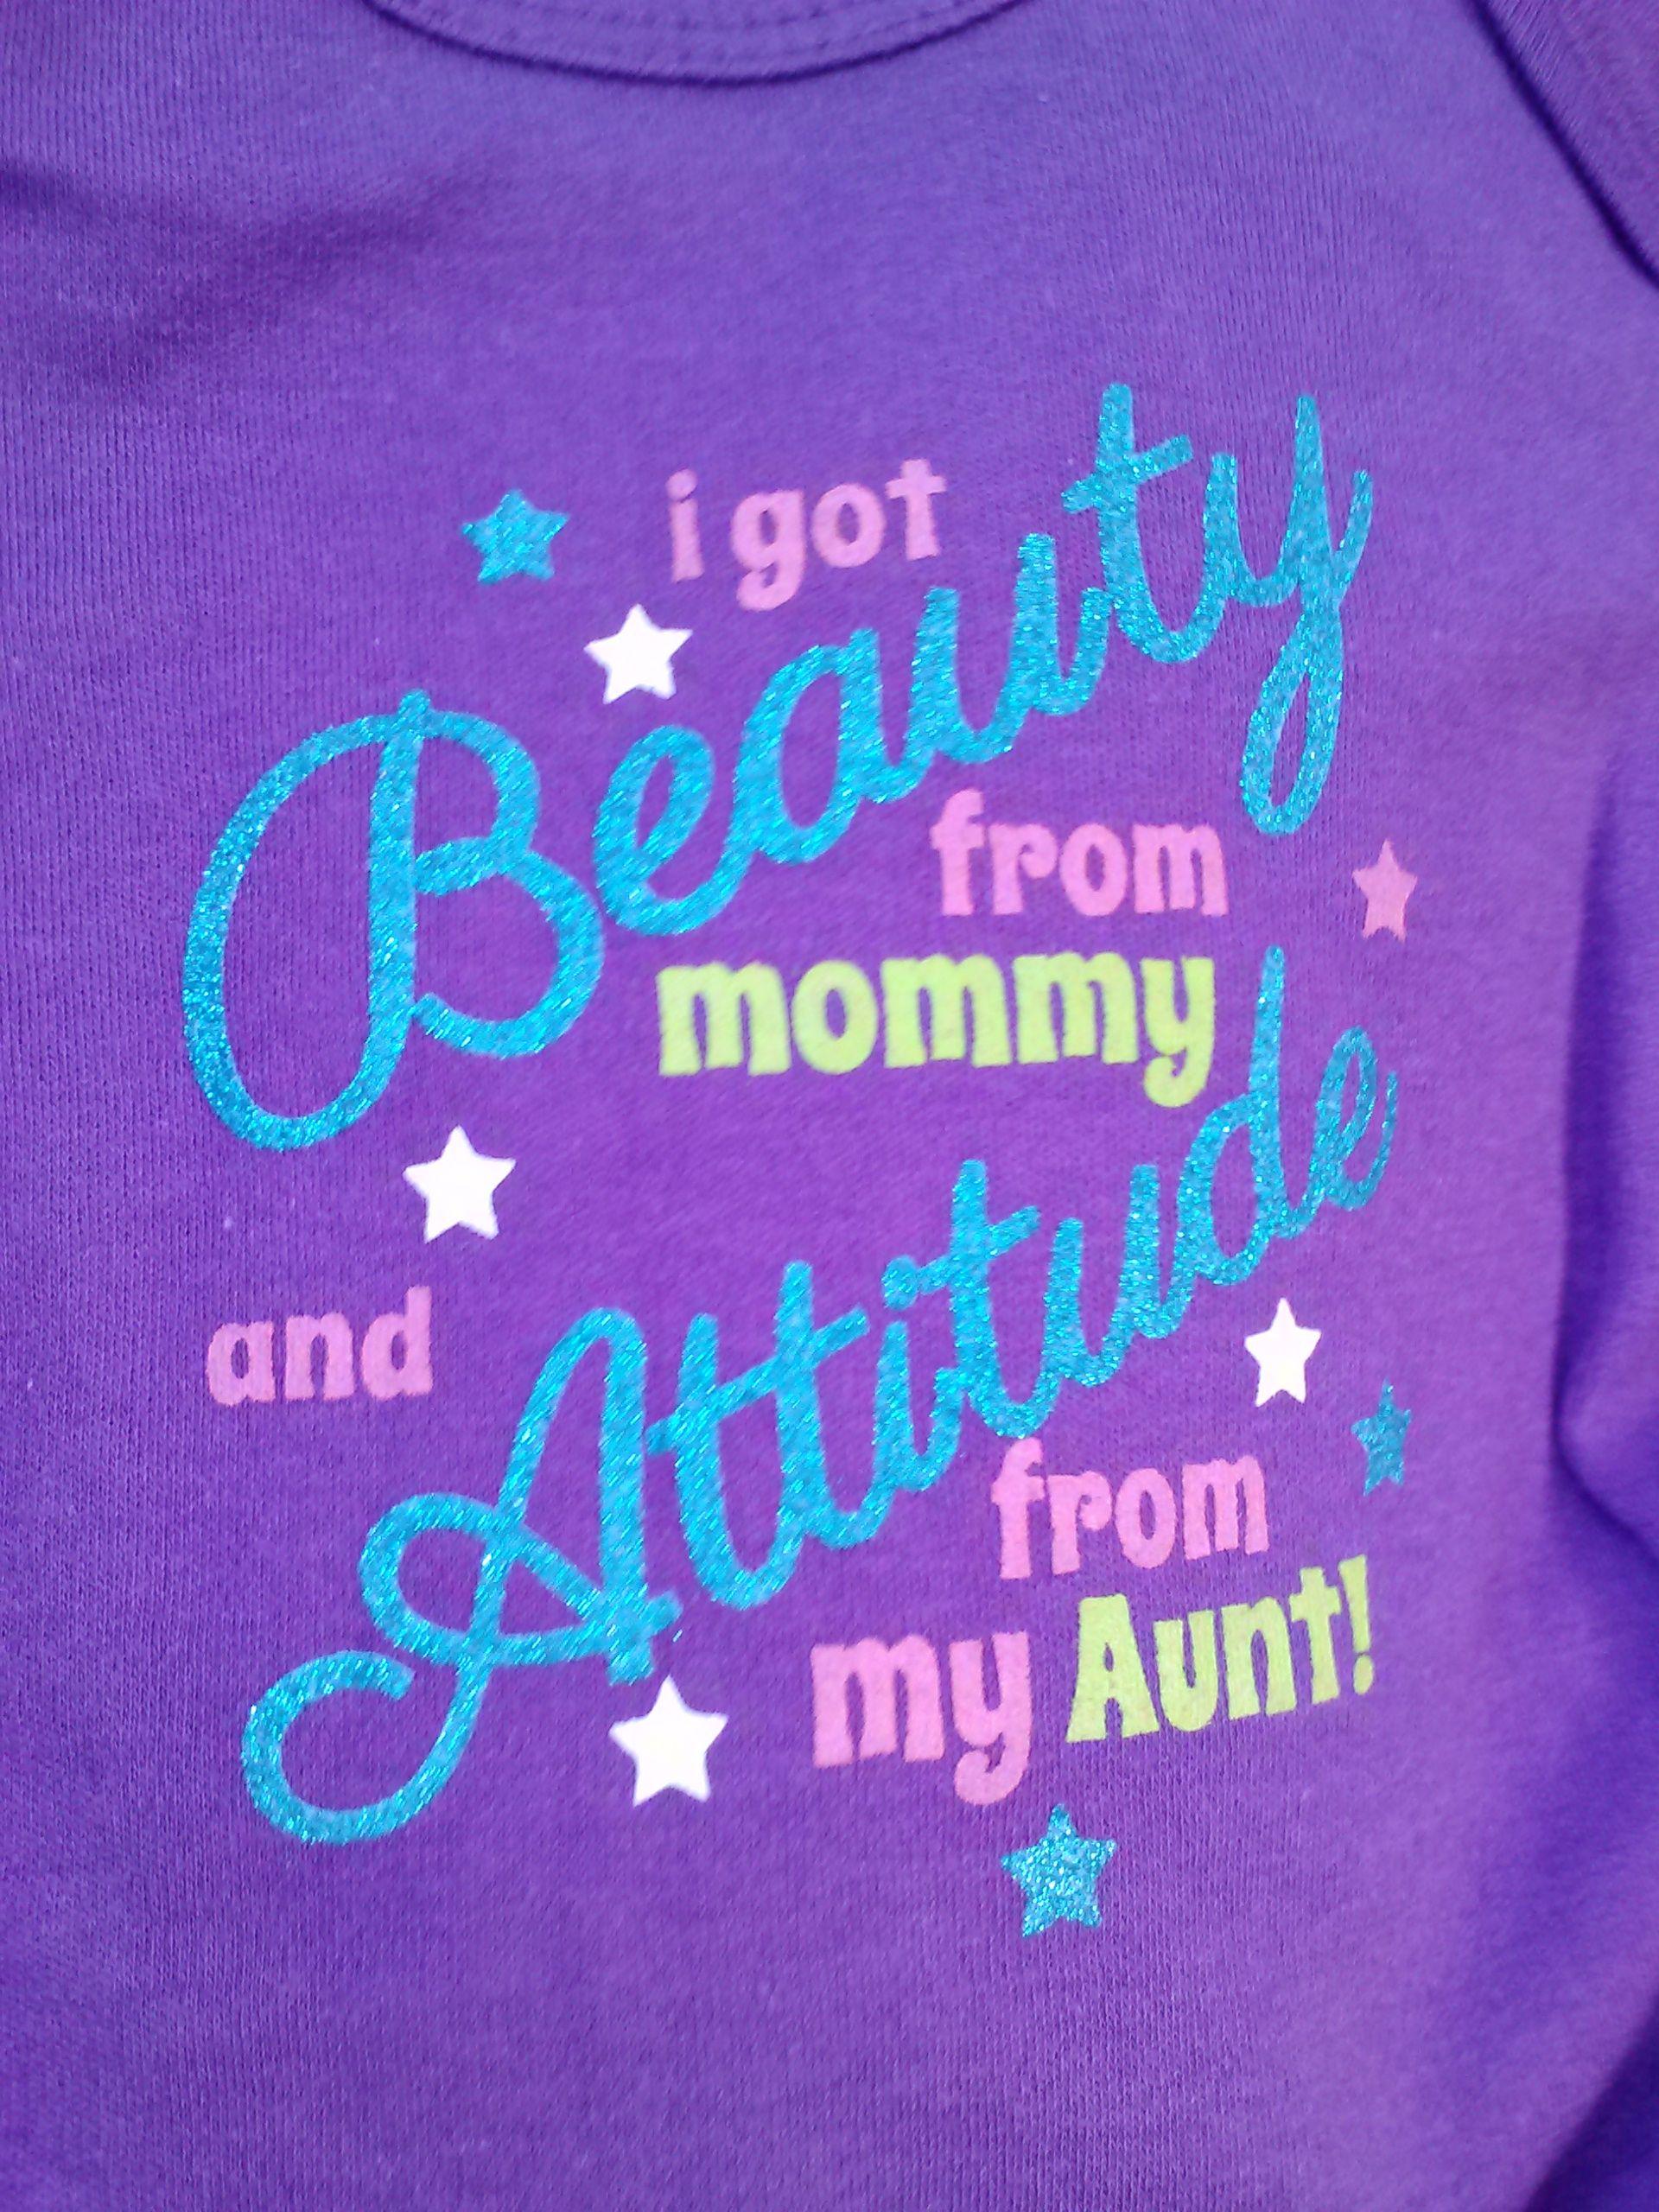 Aunts rule!